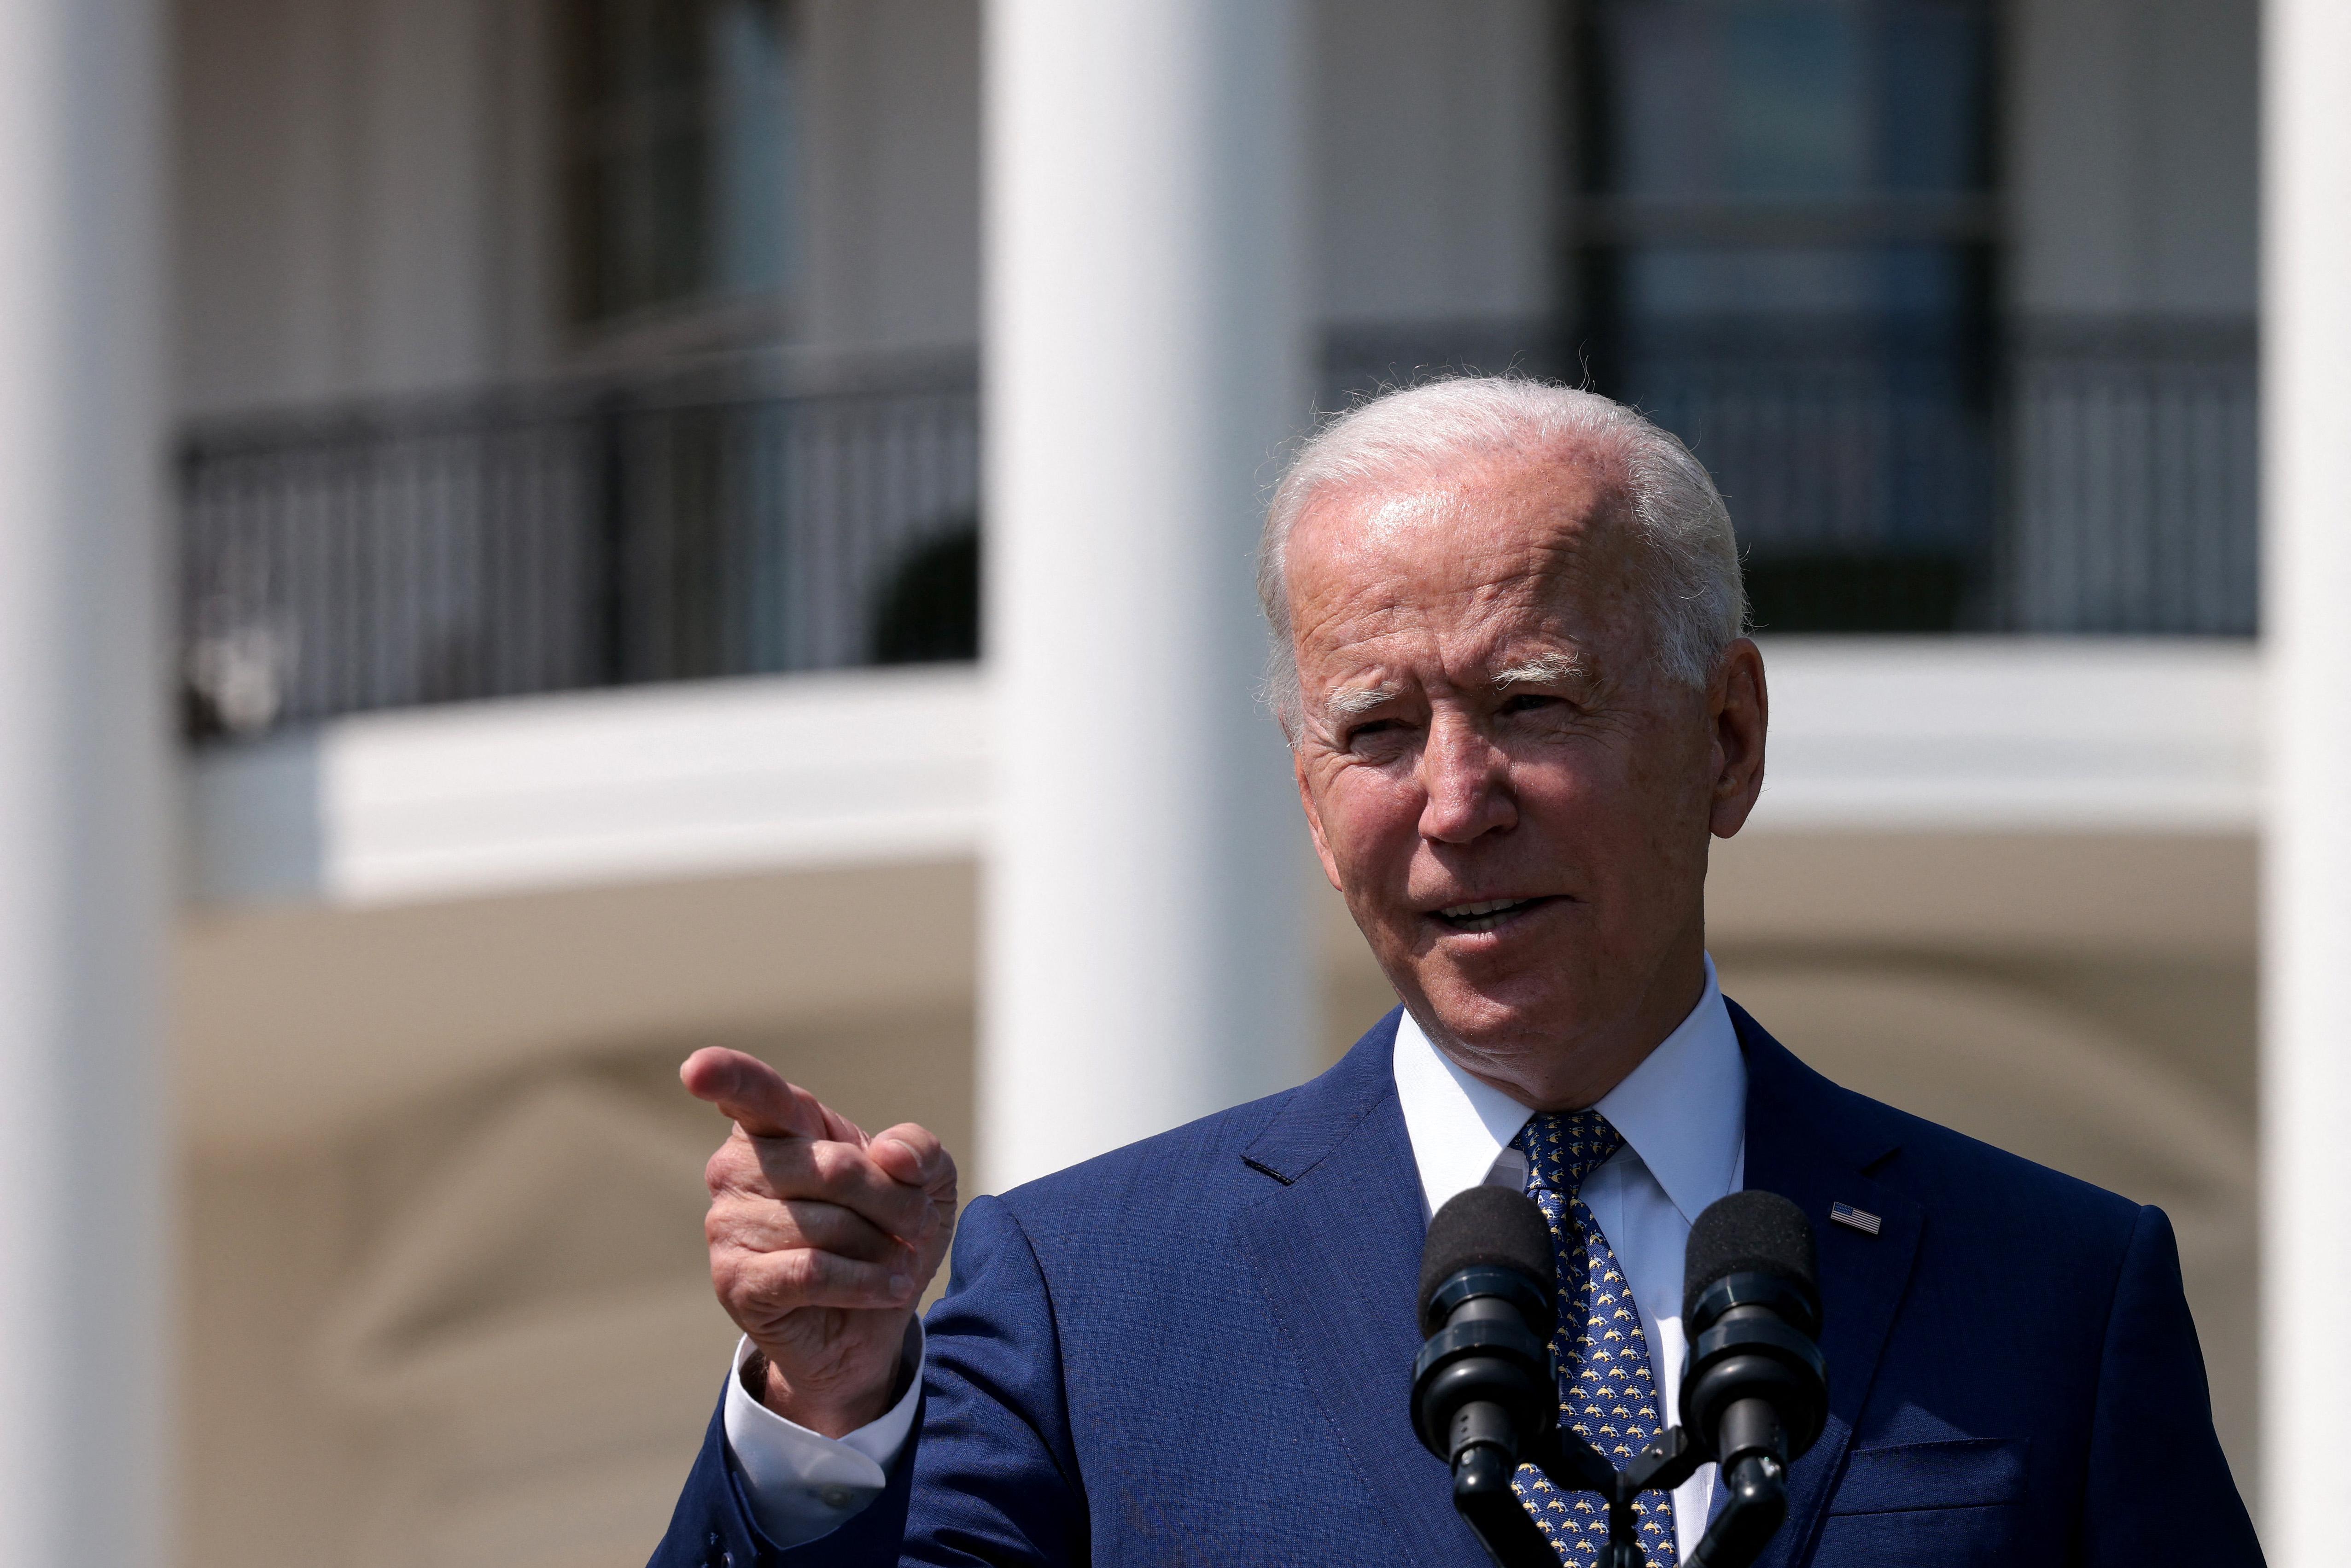 Biden ideiglenes menedéket ajánlott fel az Egyesült Államokban tartózkodó hongkongiaknak